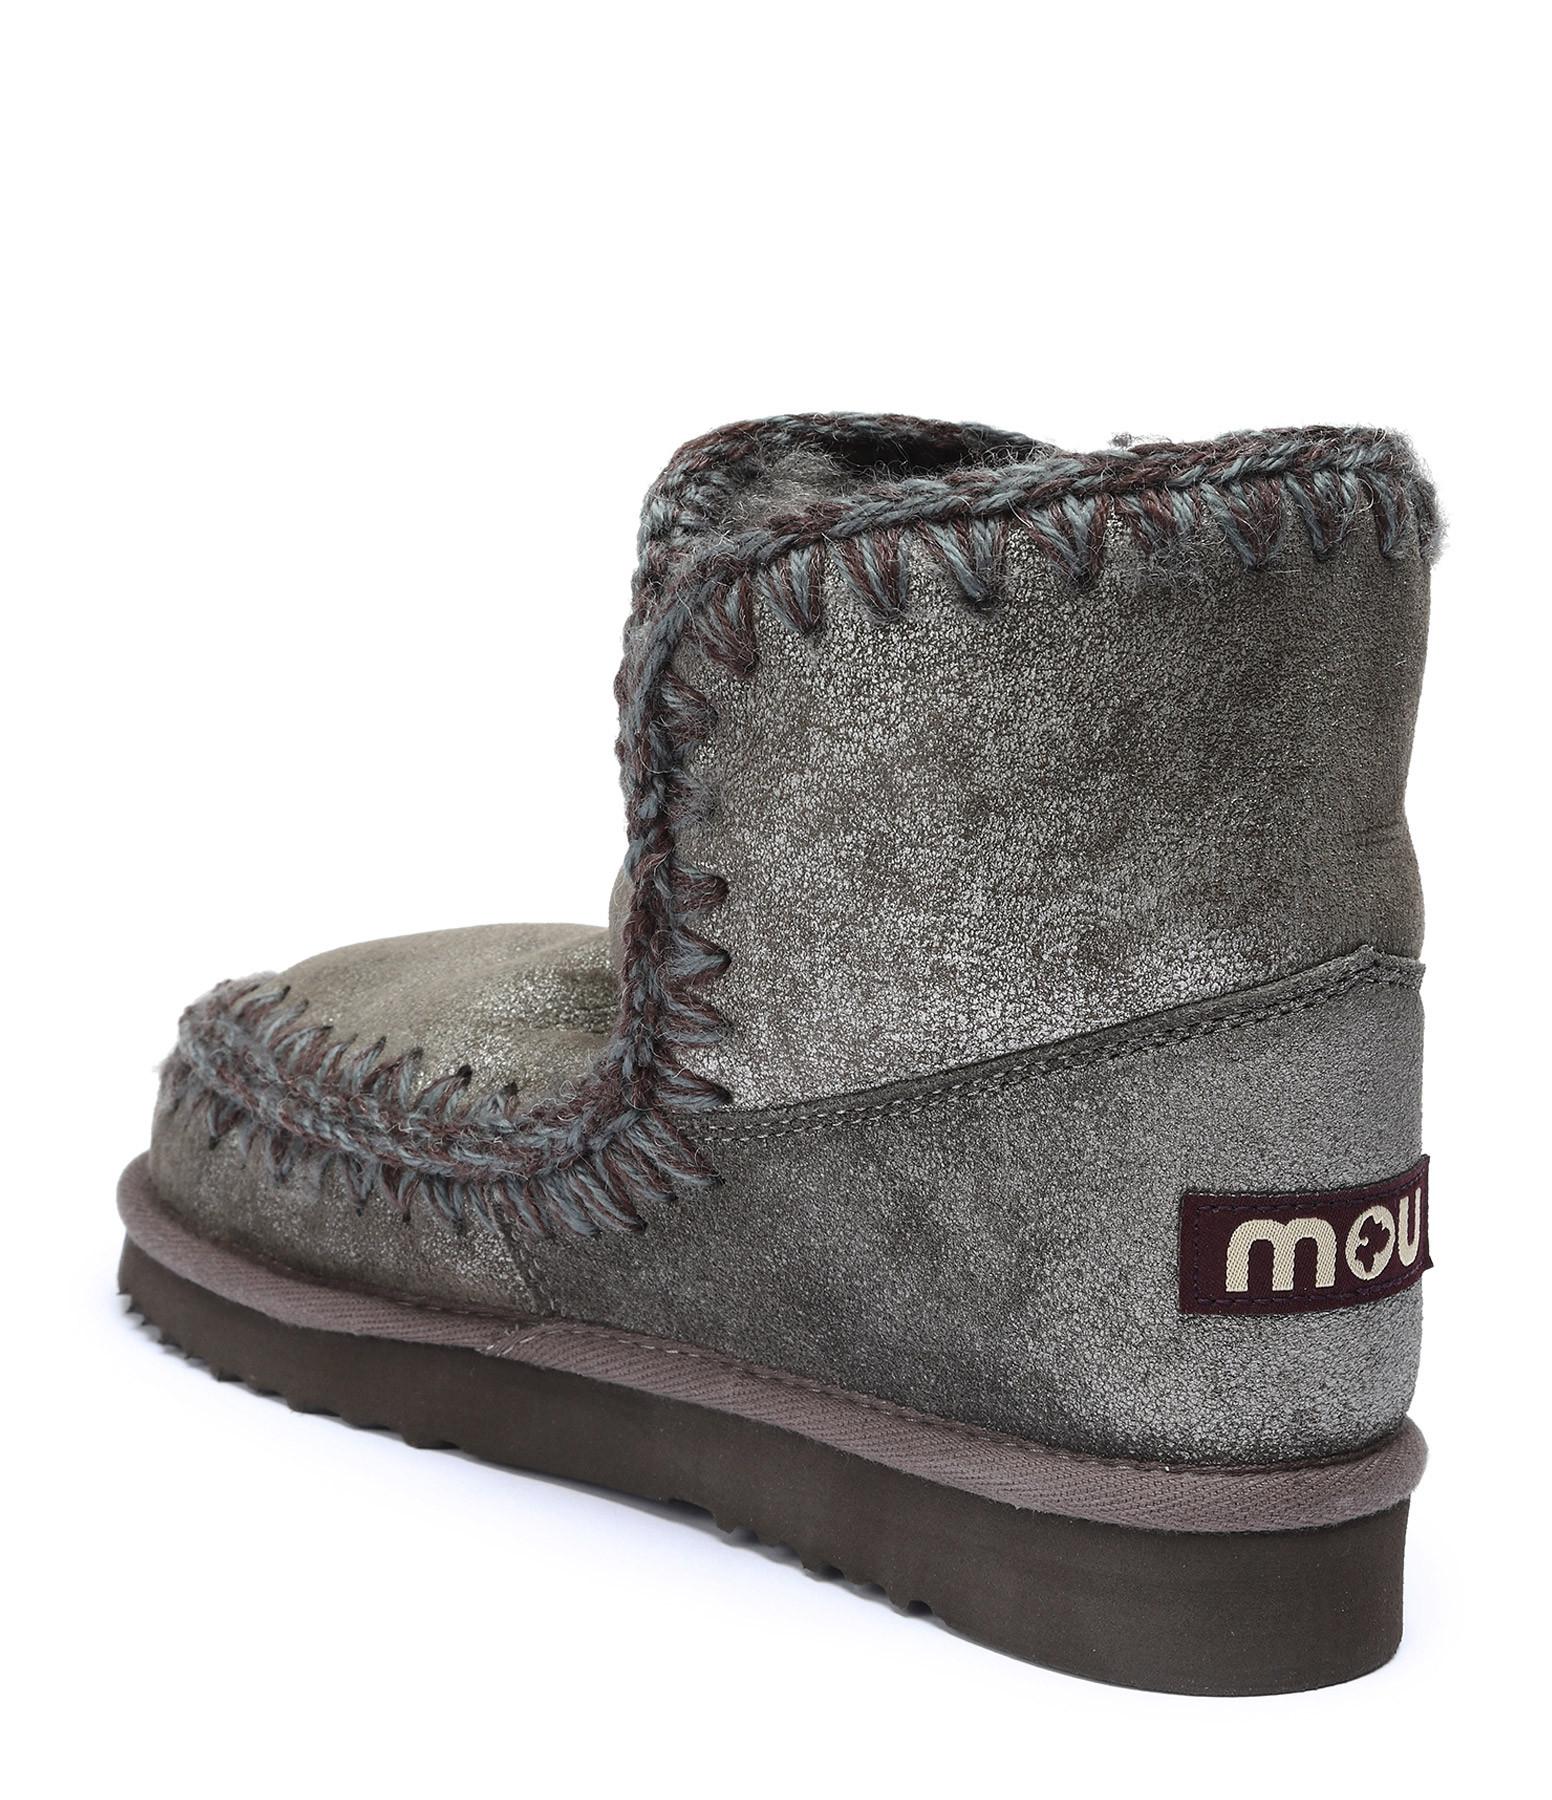 MOU - Bottines Compensées Eskimo 18 Gris Métallique